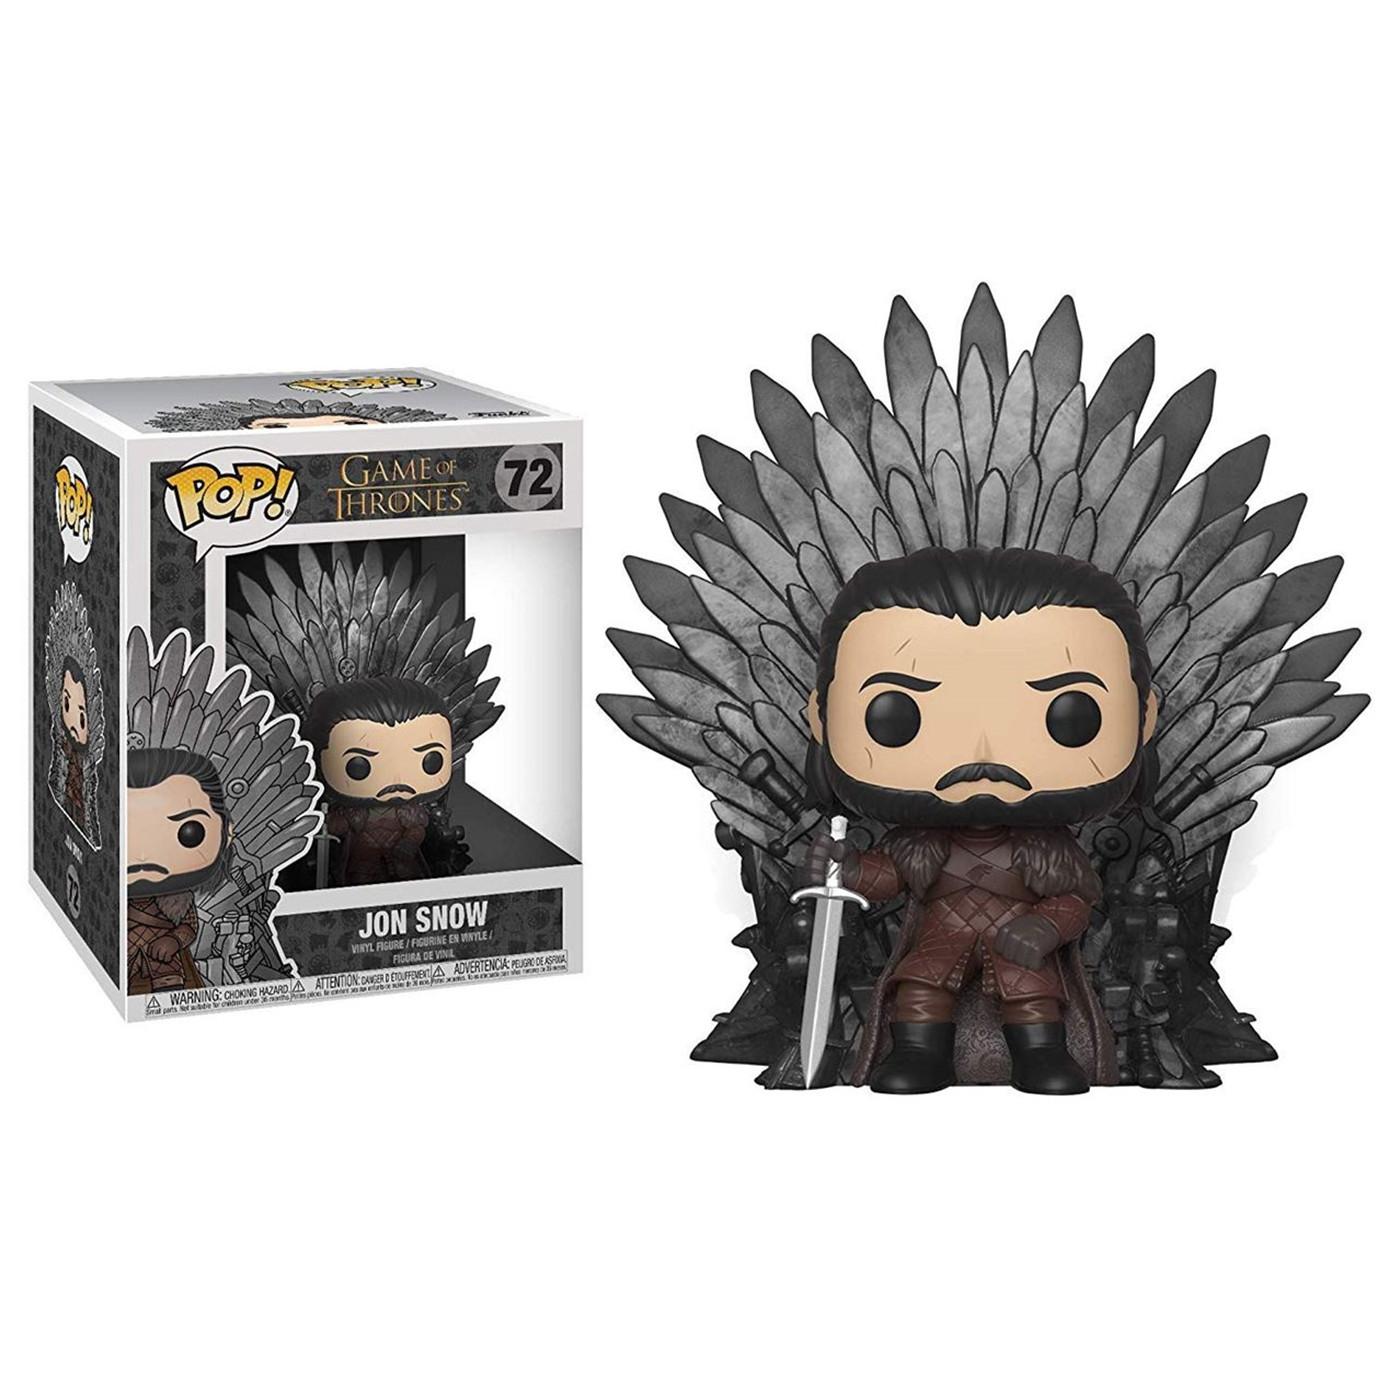 POP Deluxe: GOT S10 - Jon Snow Sitting On Iron Throne